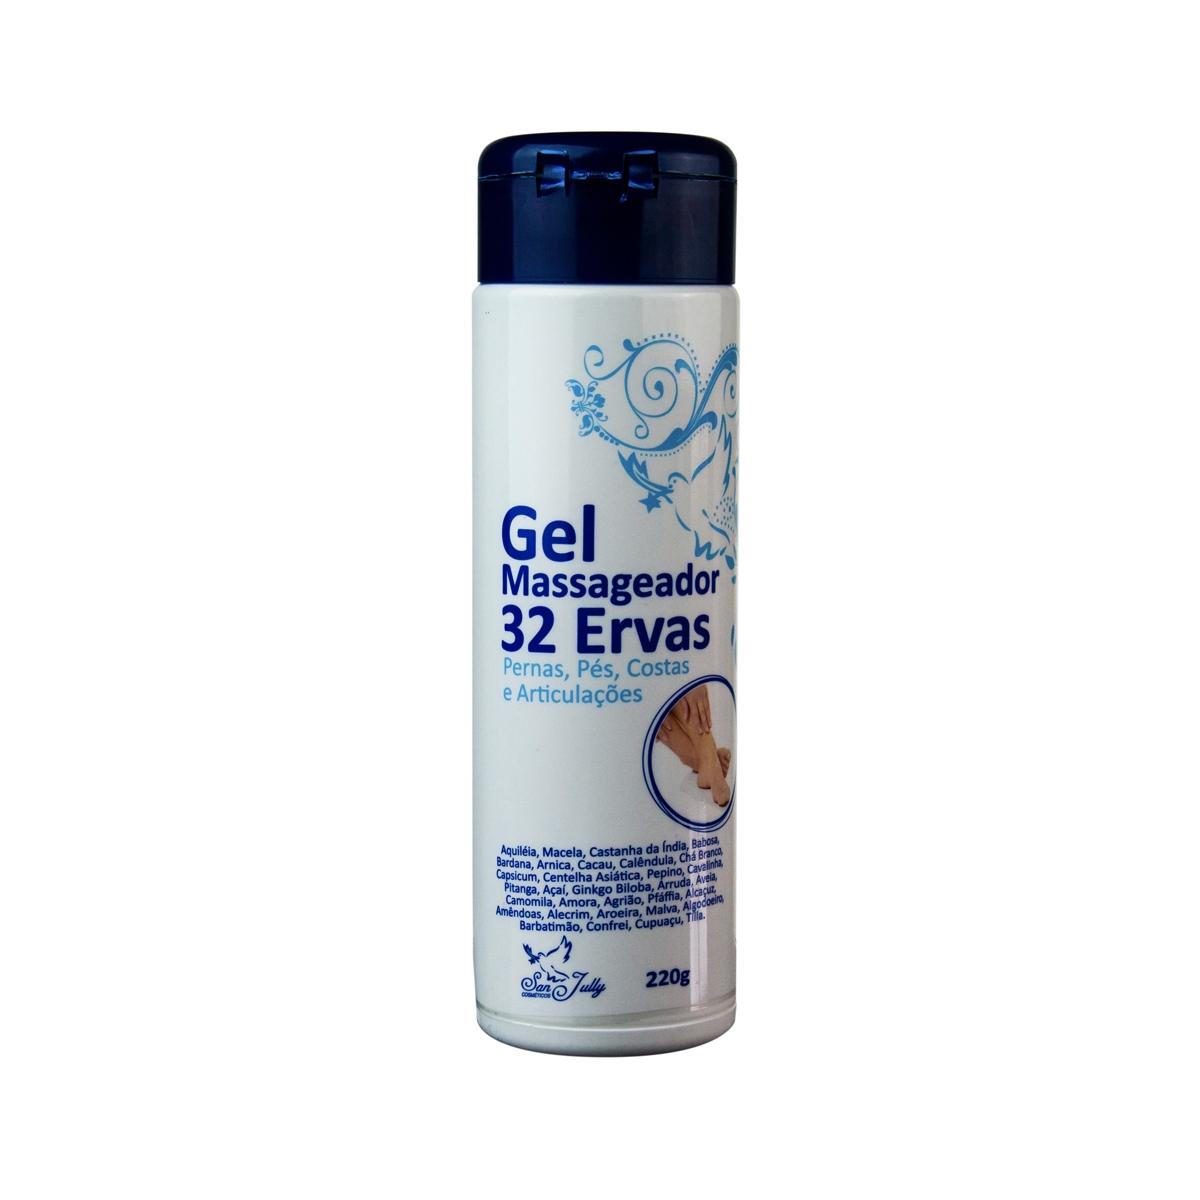 Gel Massageador 32 Ervas tubo 220g - San Jully